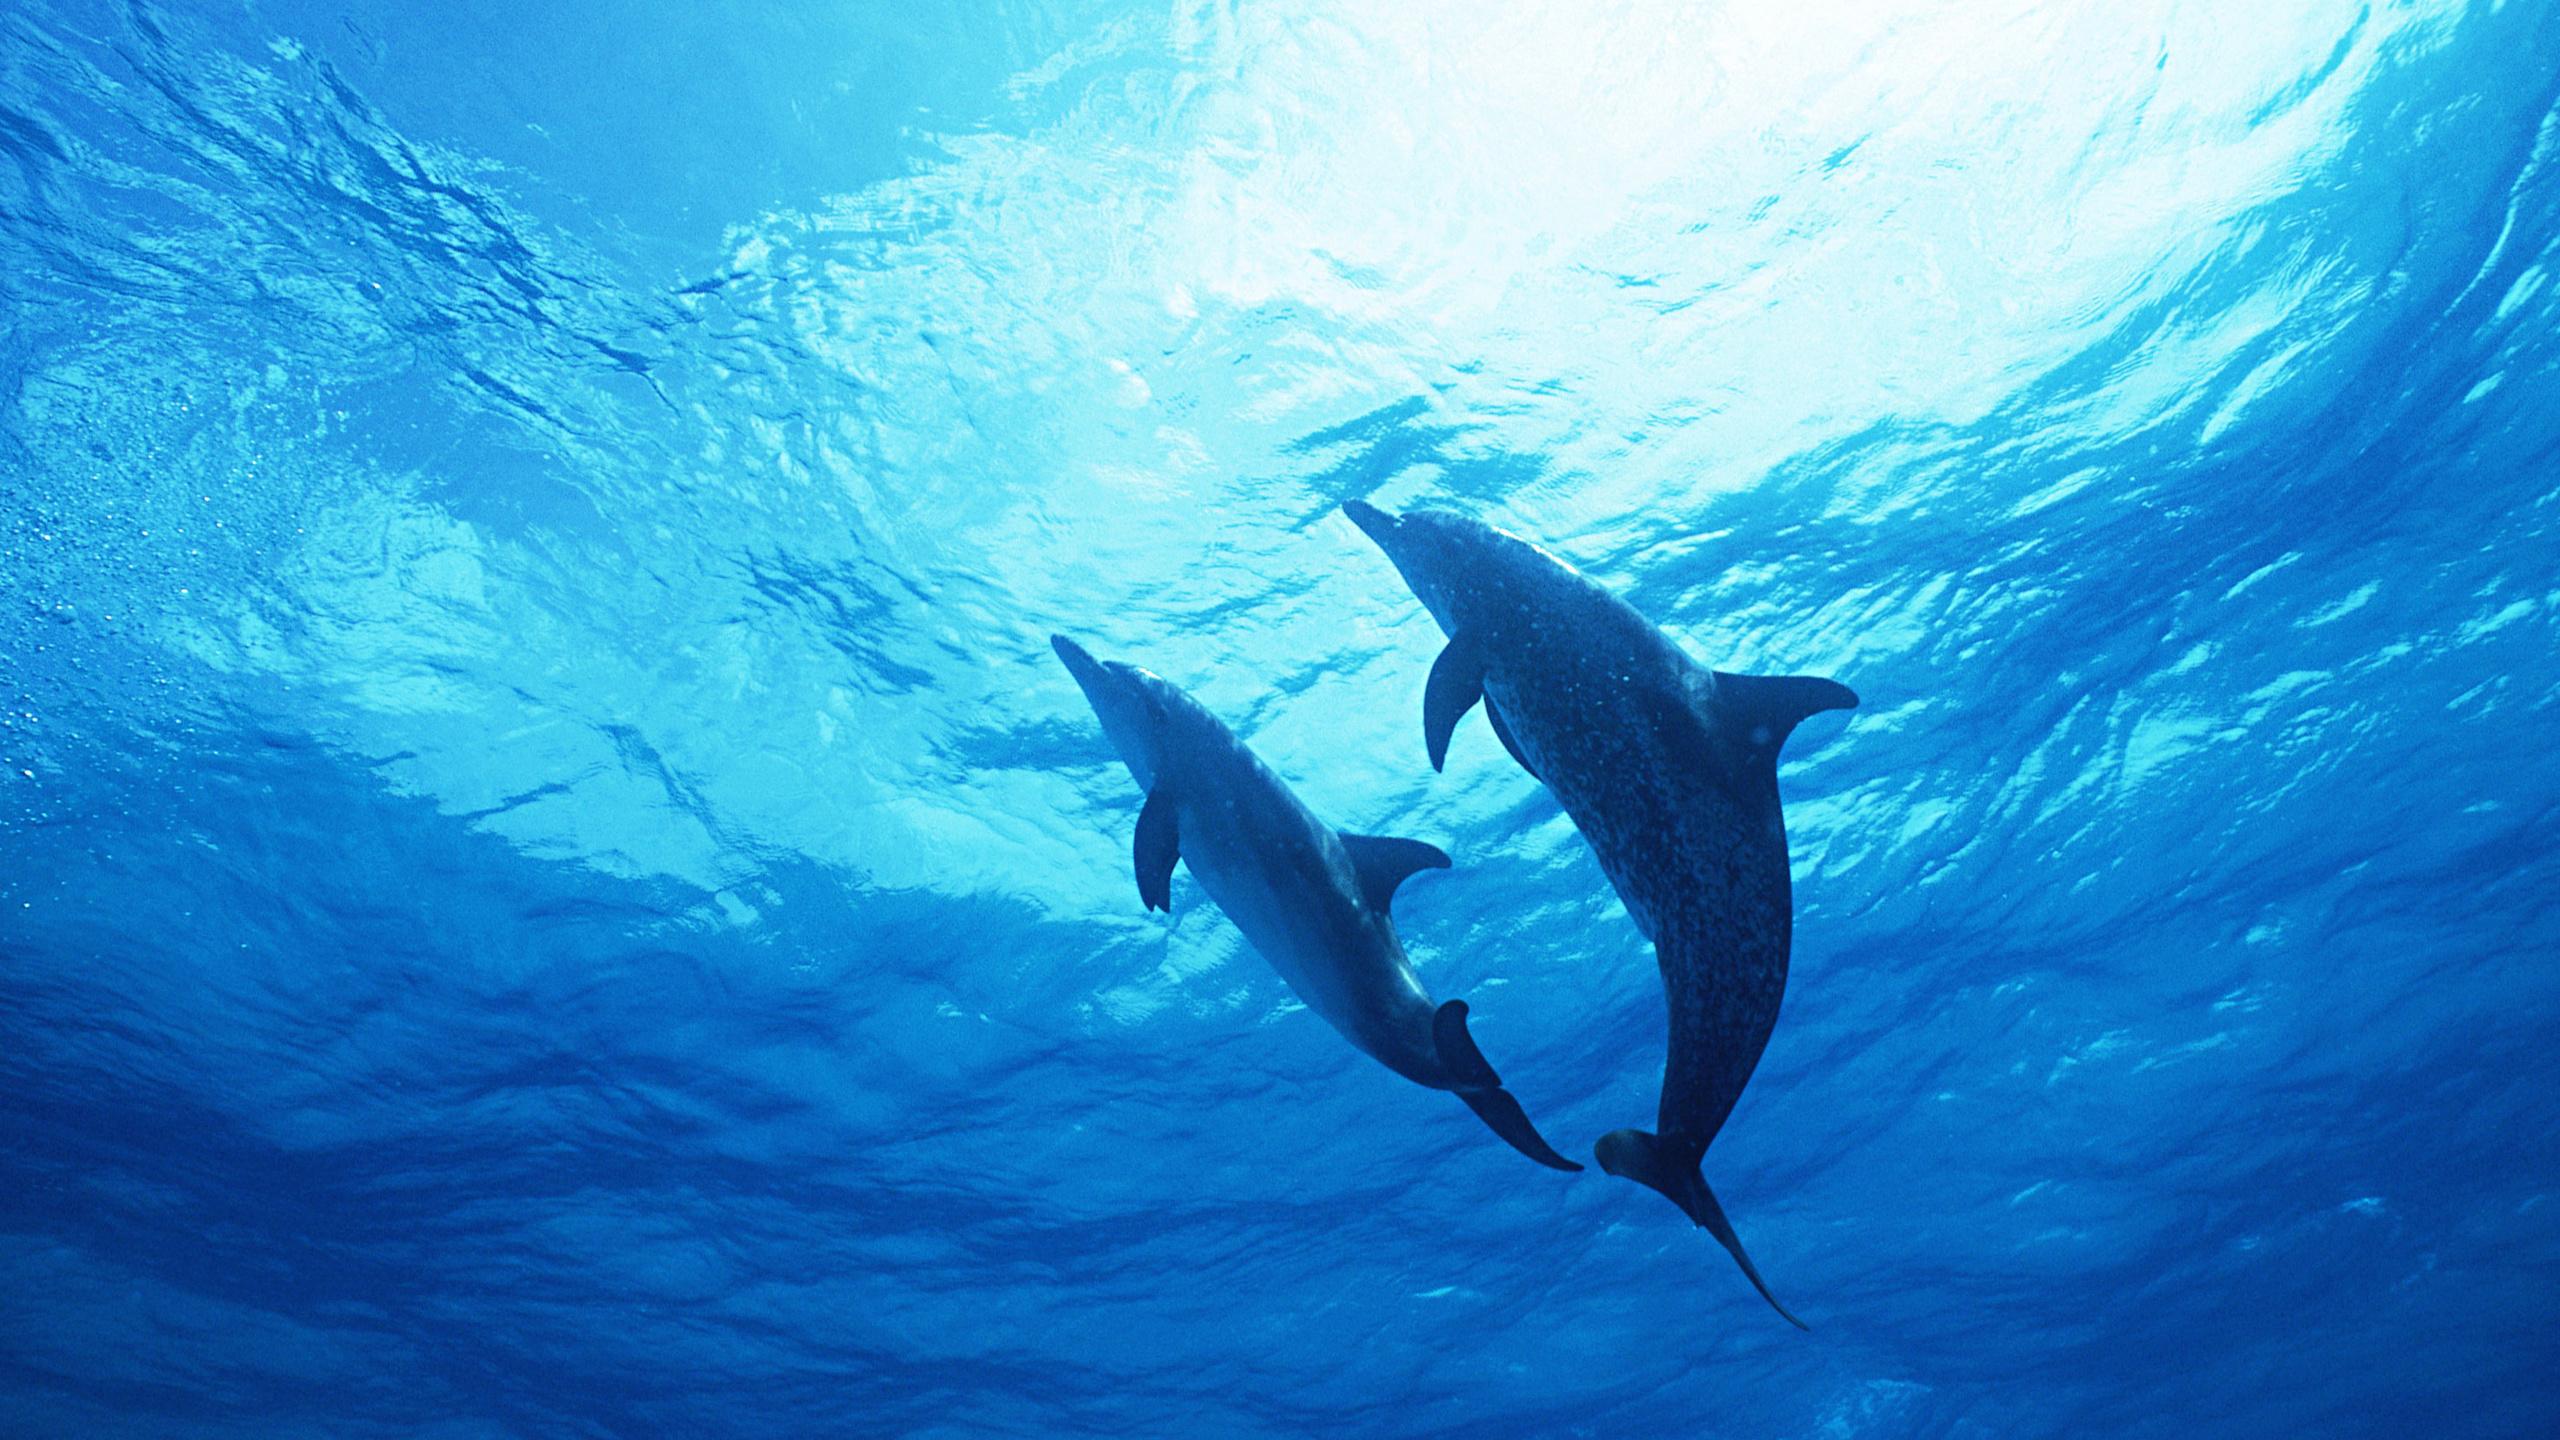 картинки на рабочий стол вода дельфины смог